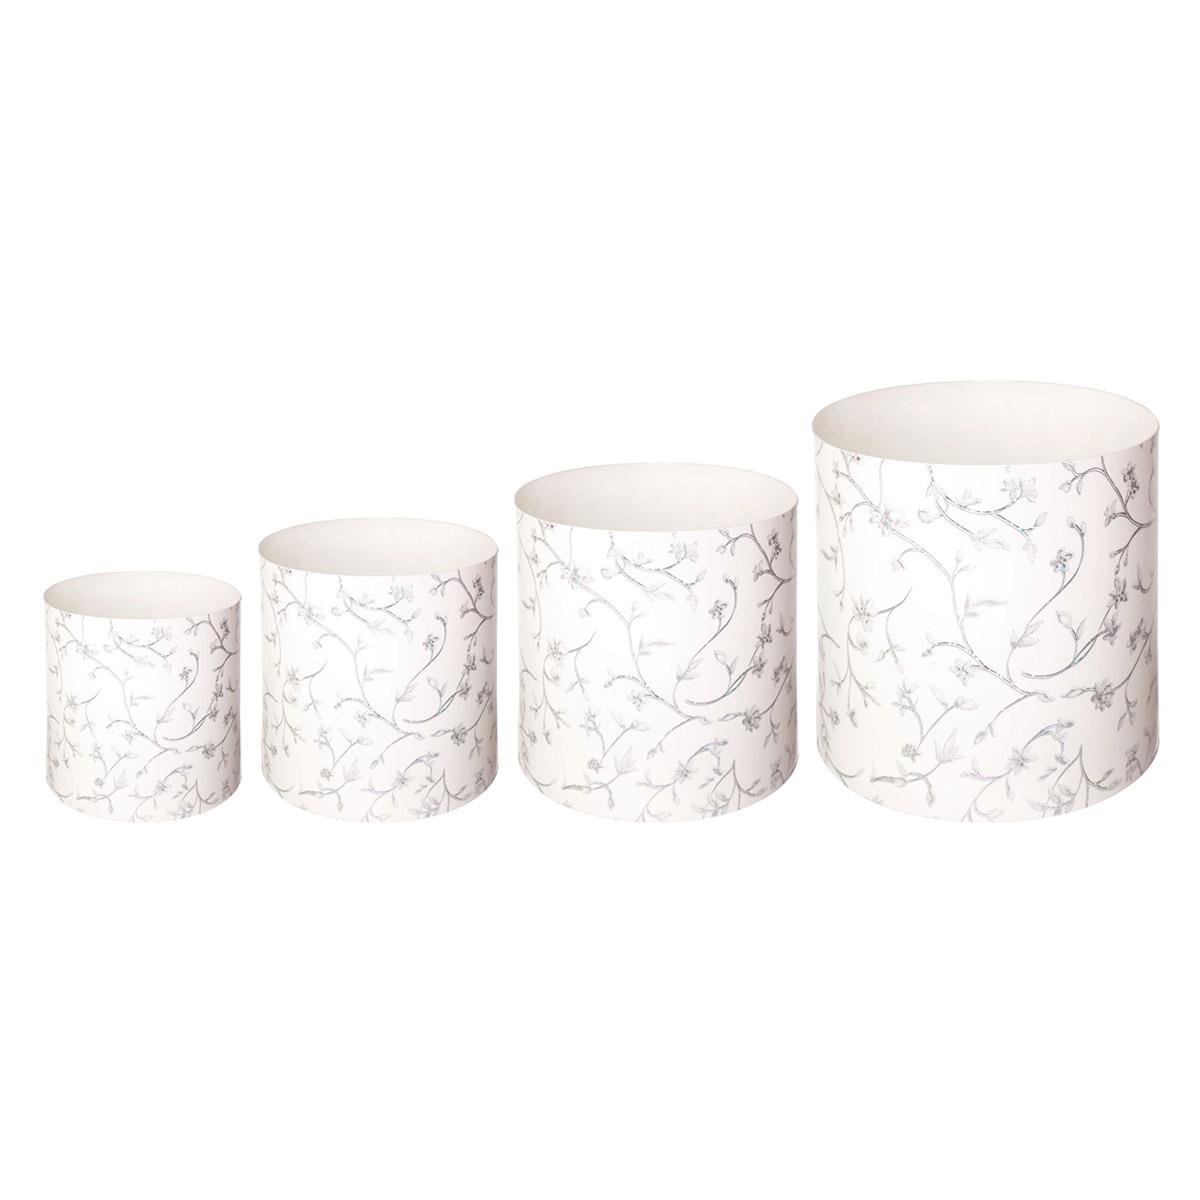 Набор горшков для цветов Miolla Металлик со скрытым поддоном, 4 предметаSMG-SET19Набор горшочков Miolla c 3D рисунком. Хорошо будут смотреться как основа для топиариев и флористических композиций. А так же замечательно для комнатных цветов. Со скрытым поддоном.